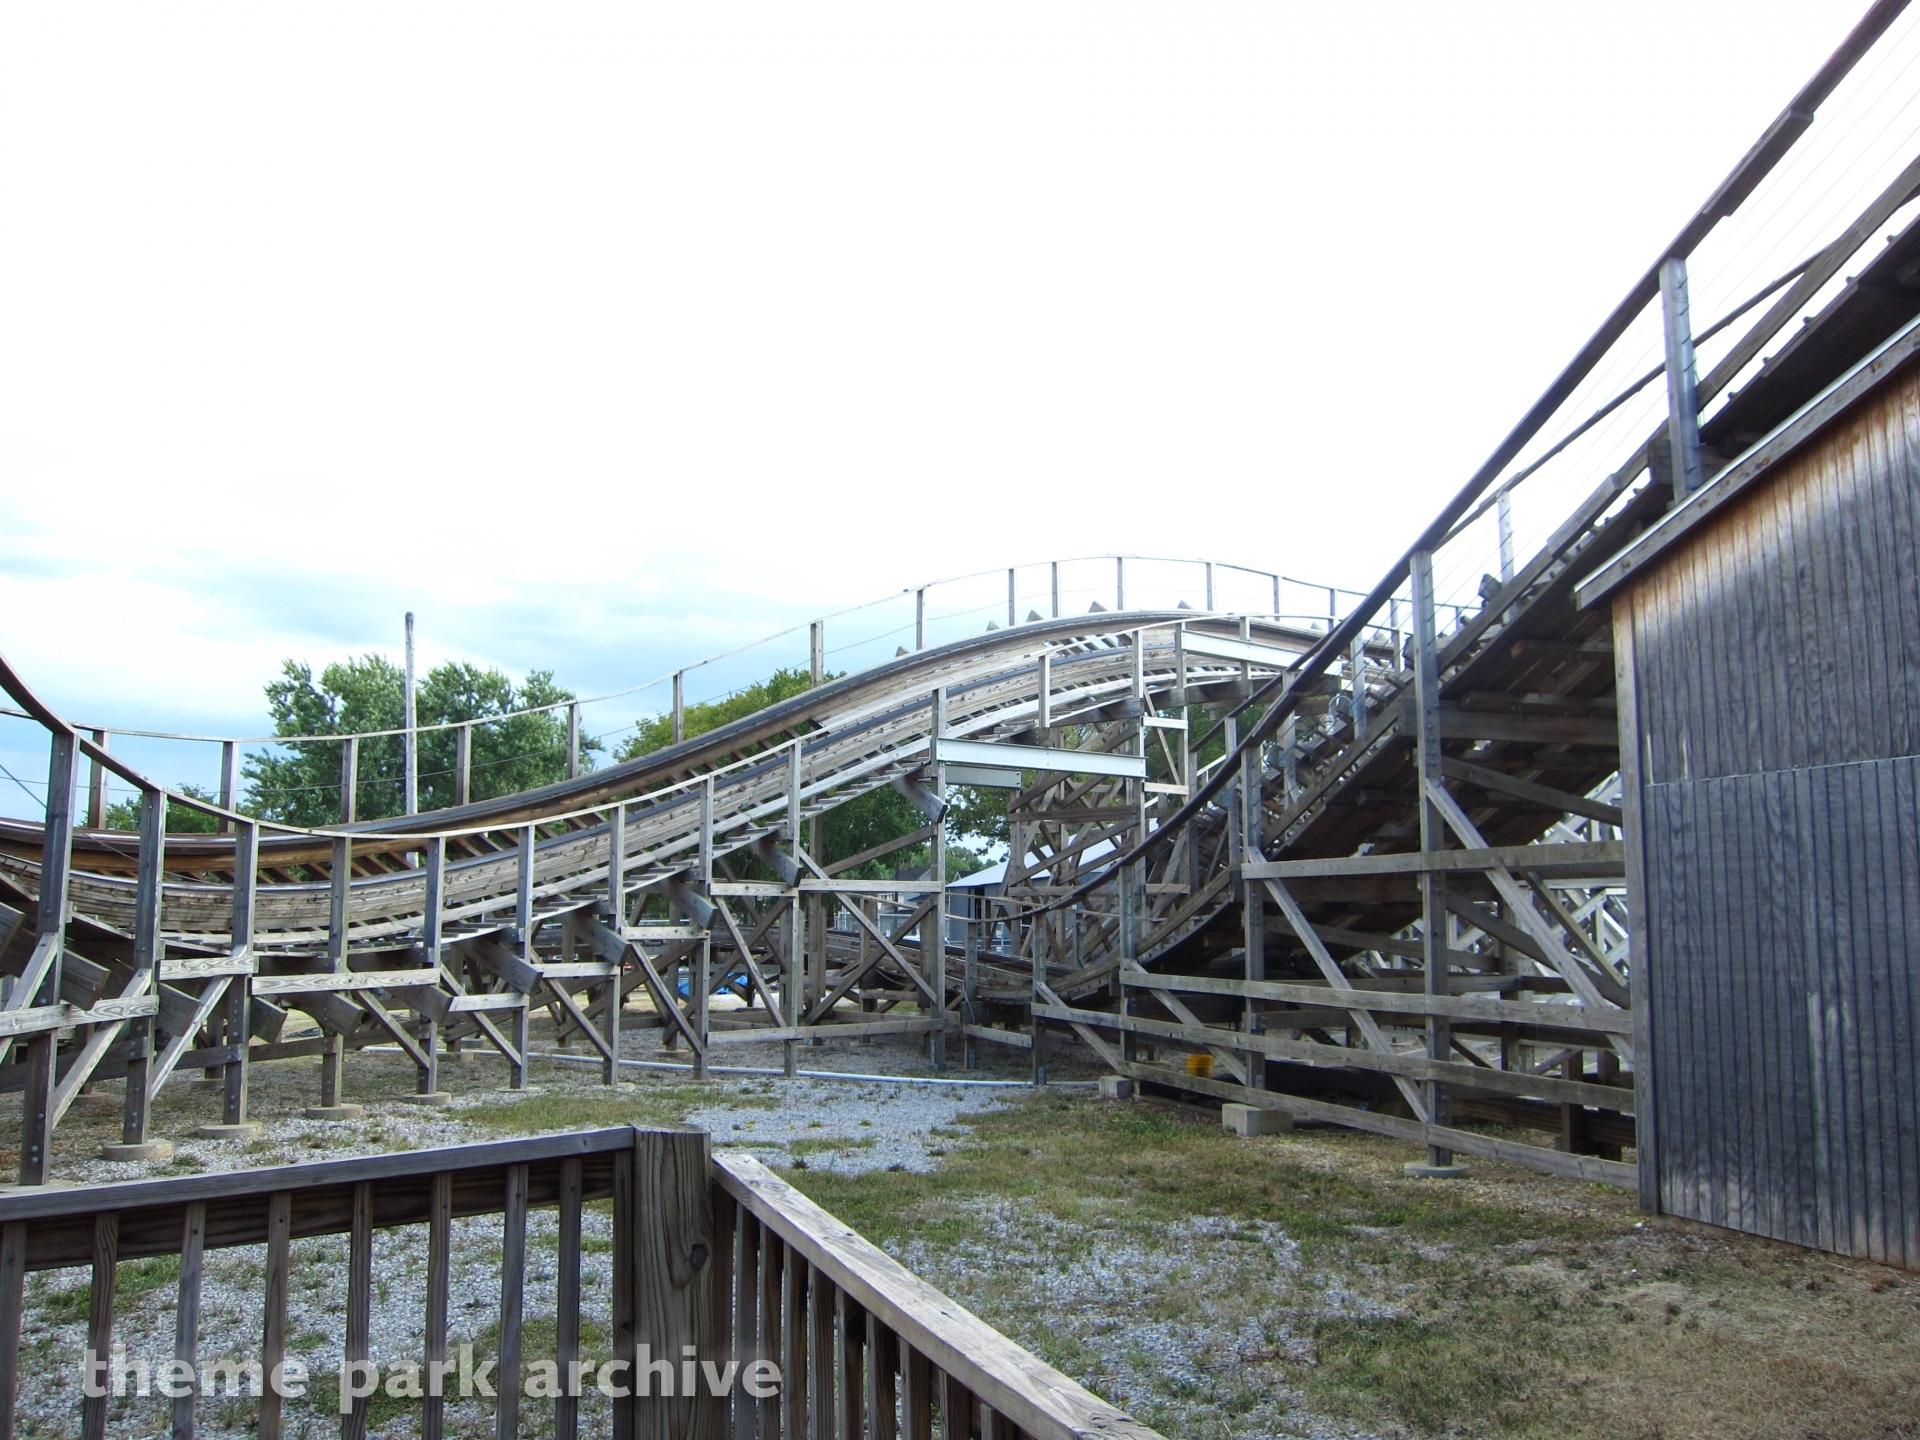 Kentucky Rumbler at Beech Bend Park